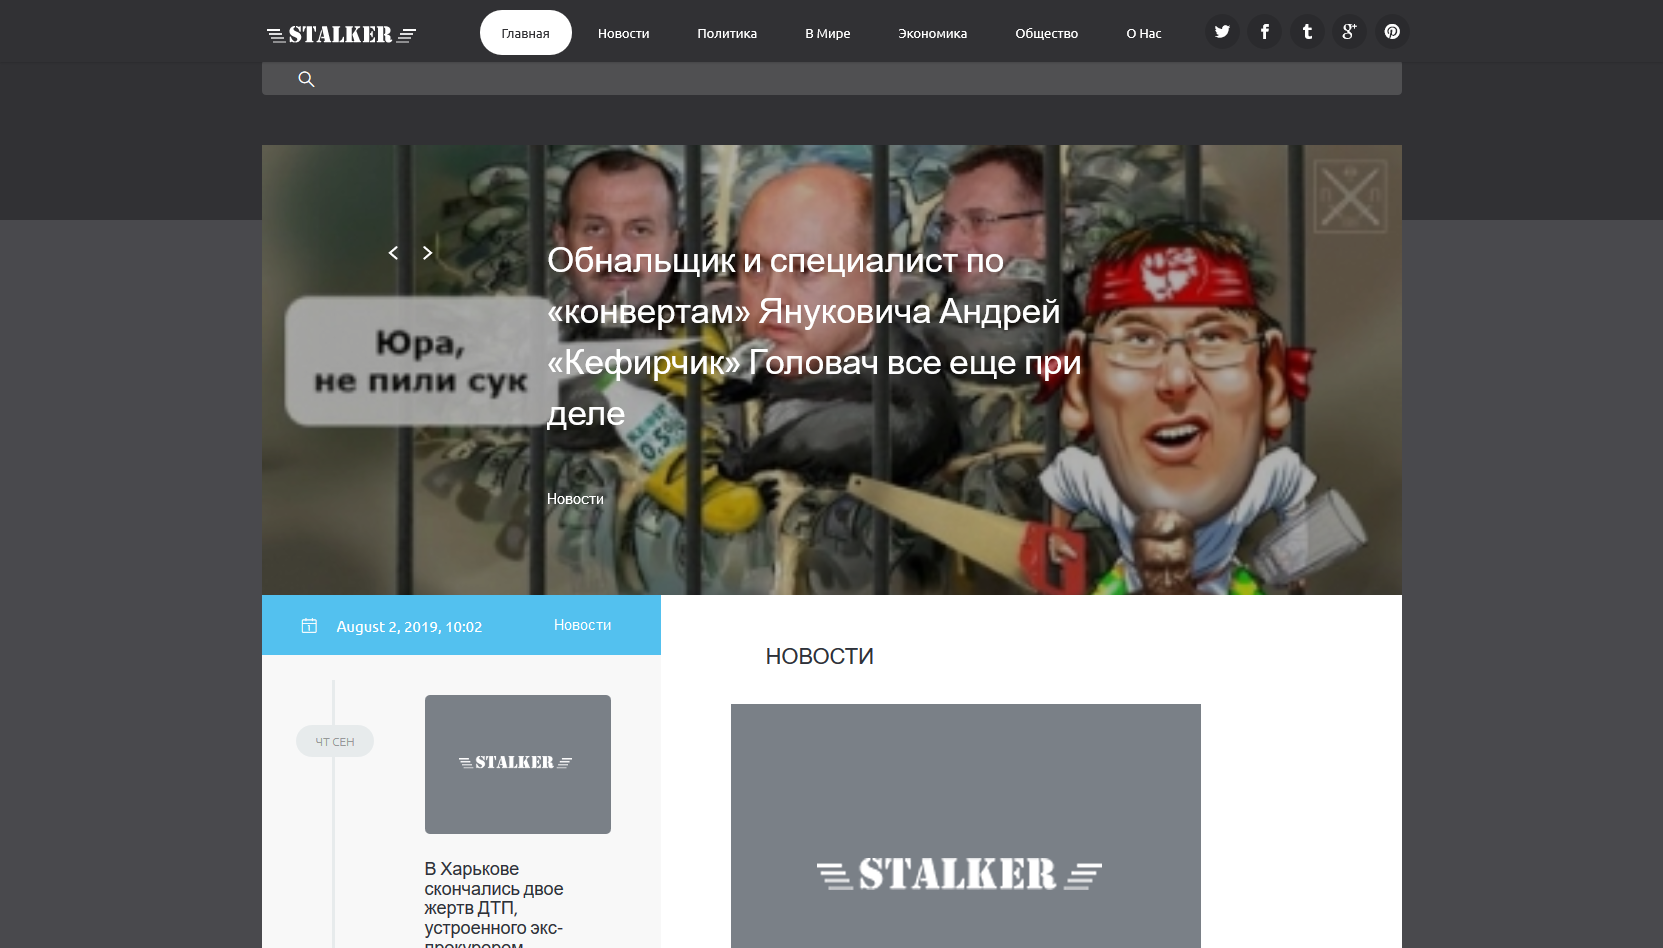 Сталкер - інфосмітники України